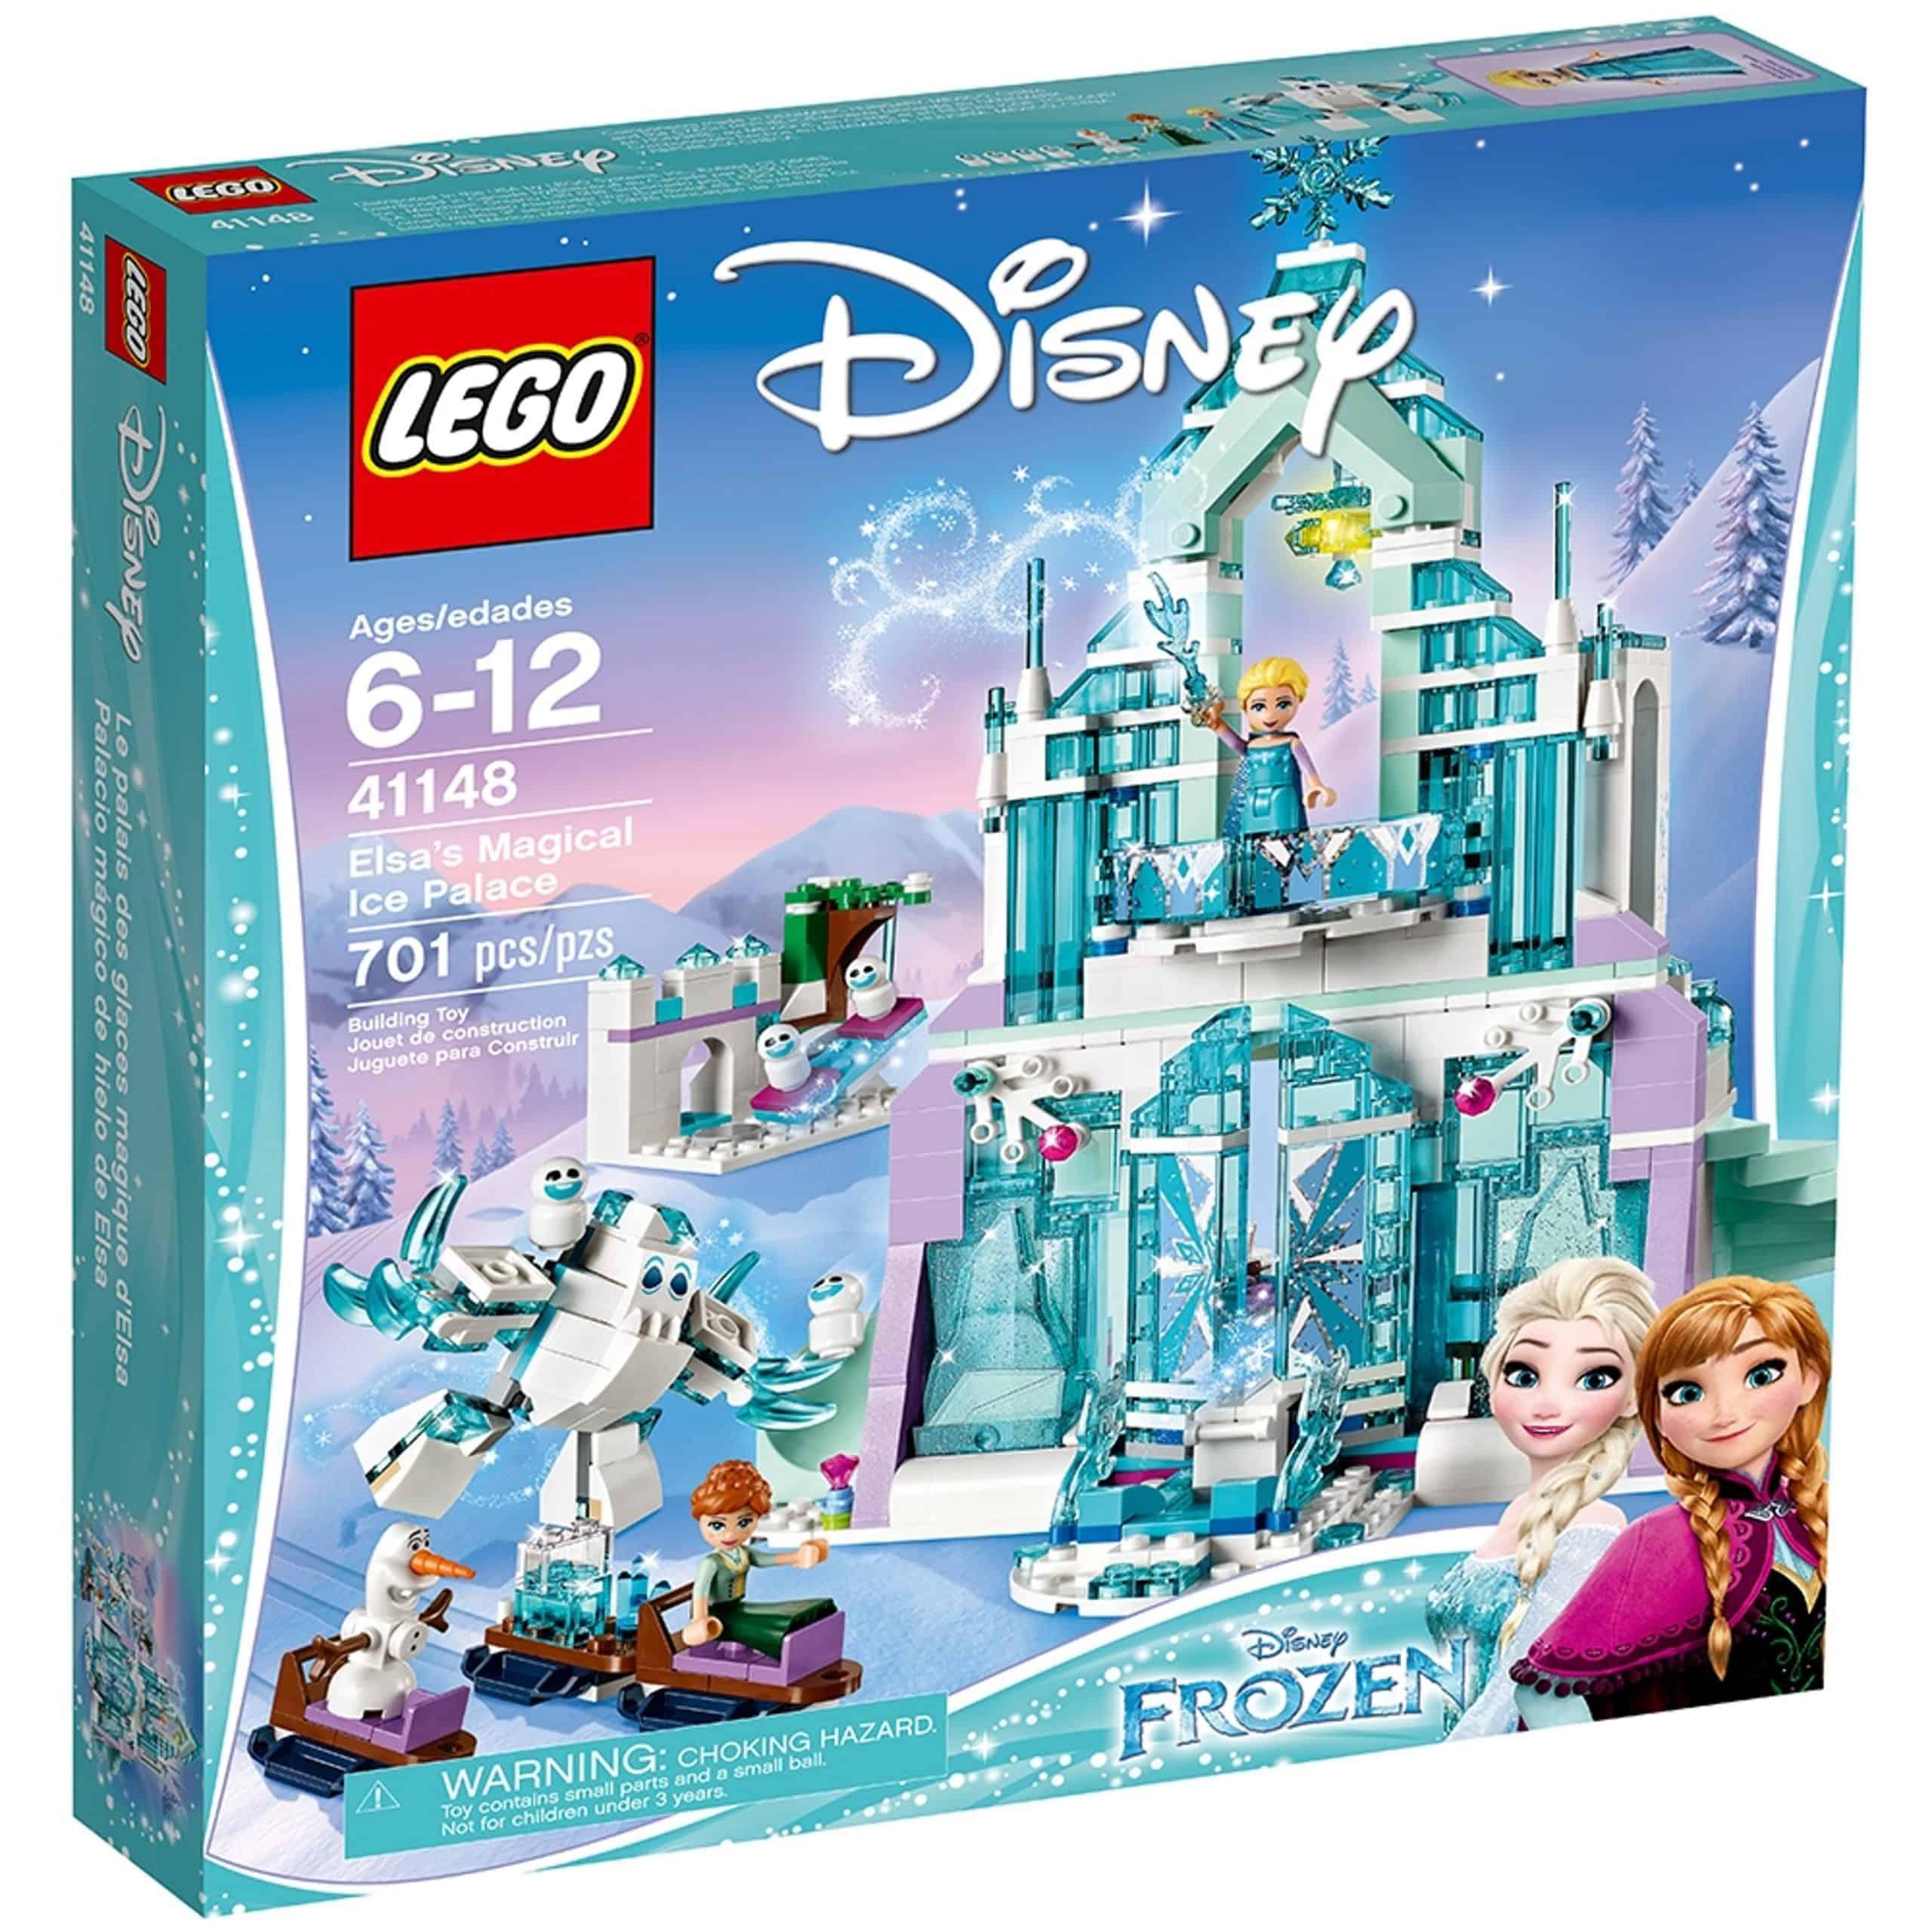 lego 41148 elsas magical ice palace scaled